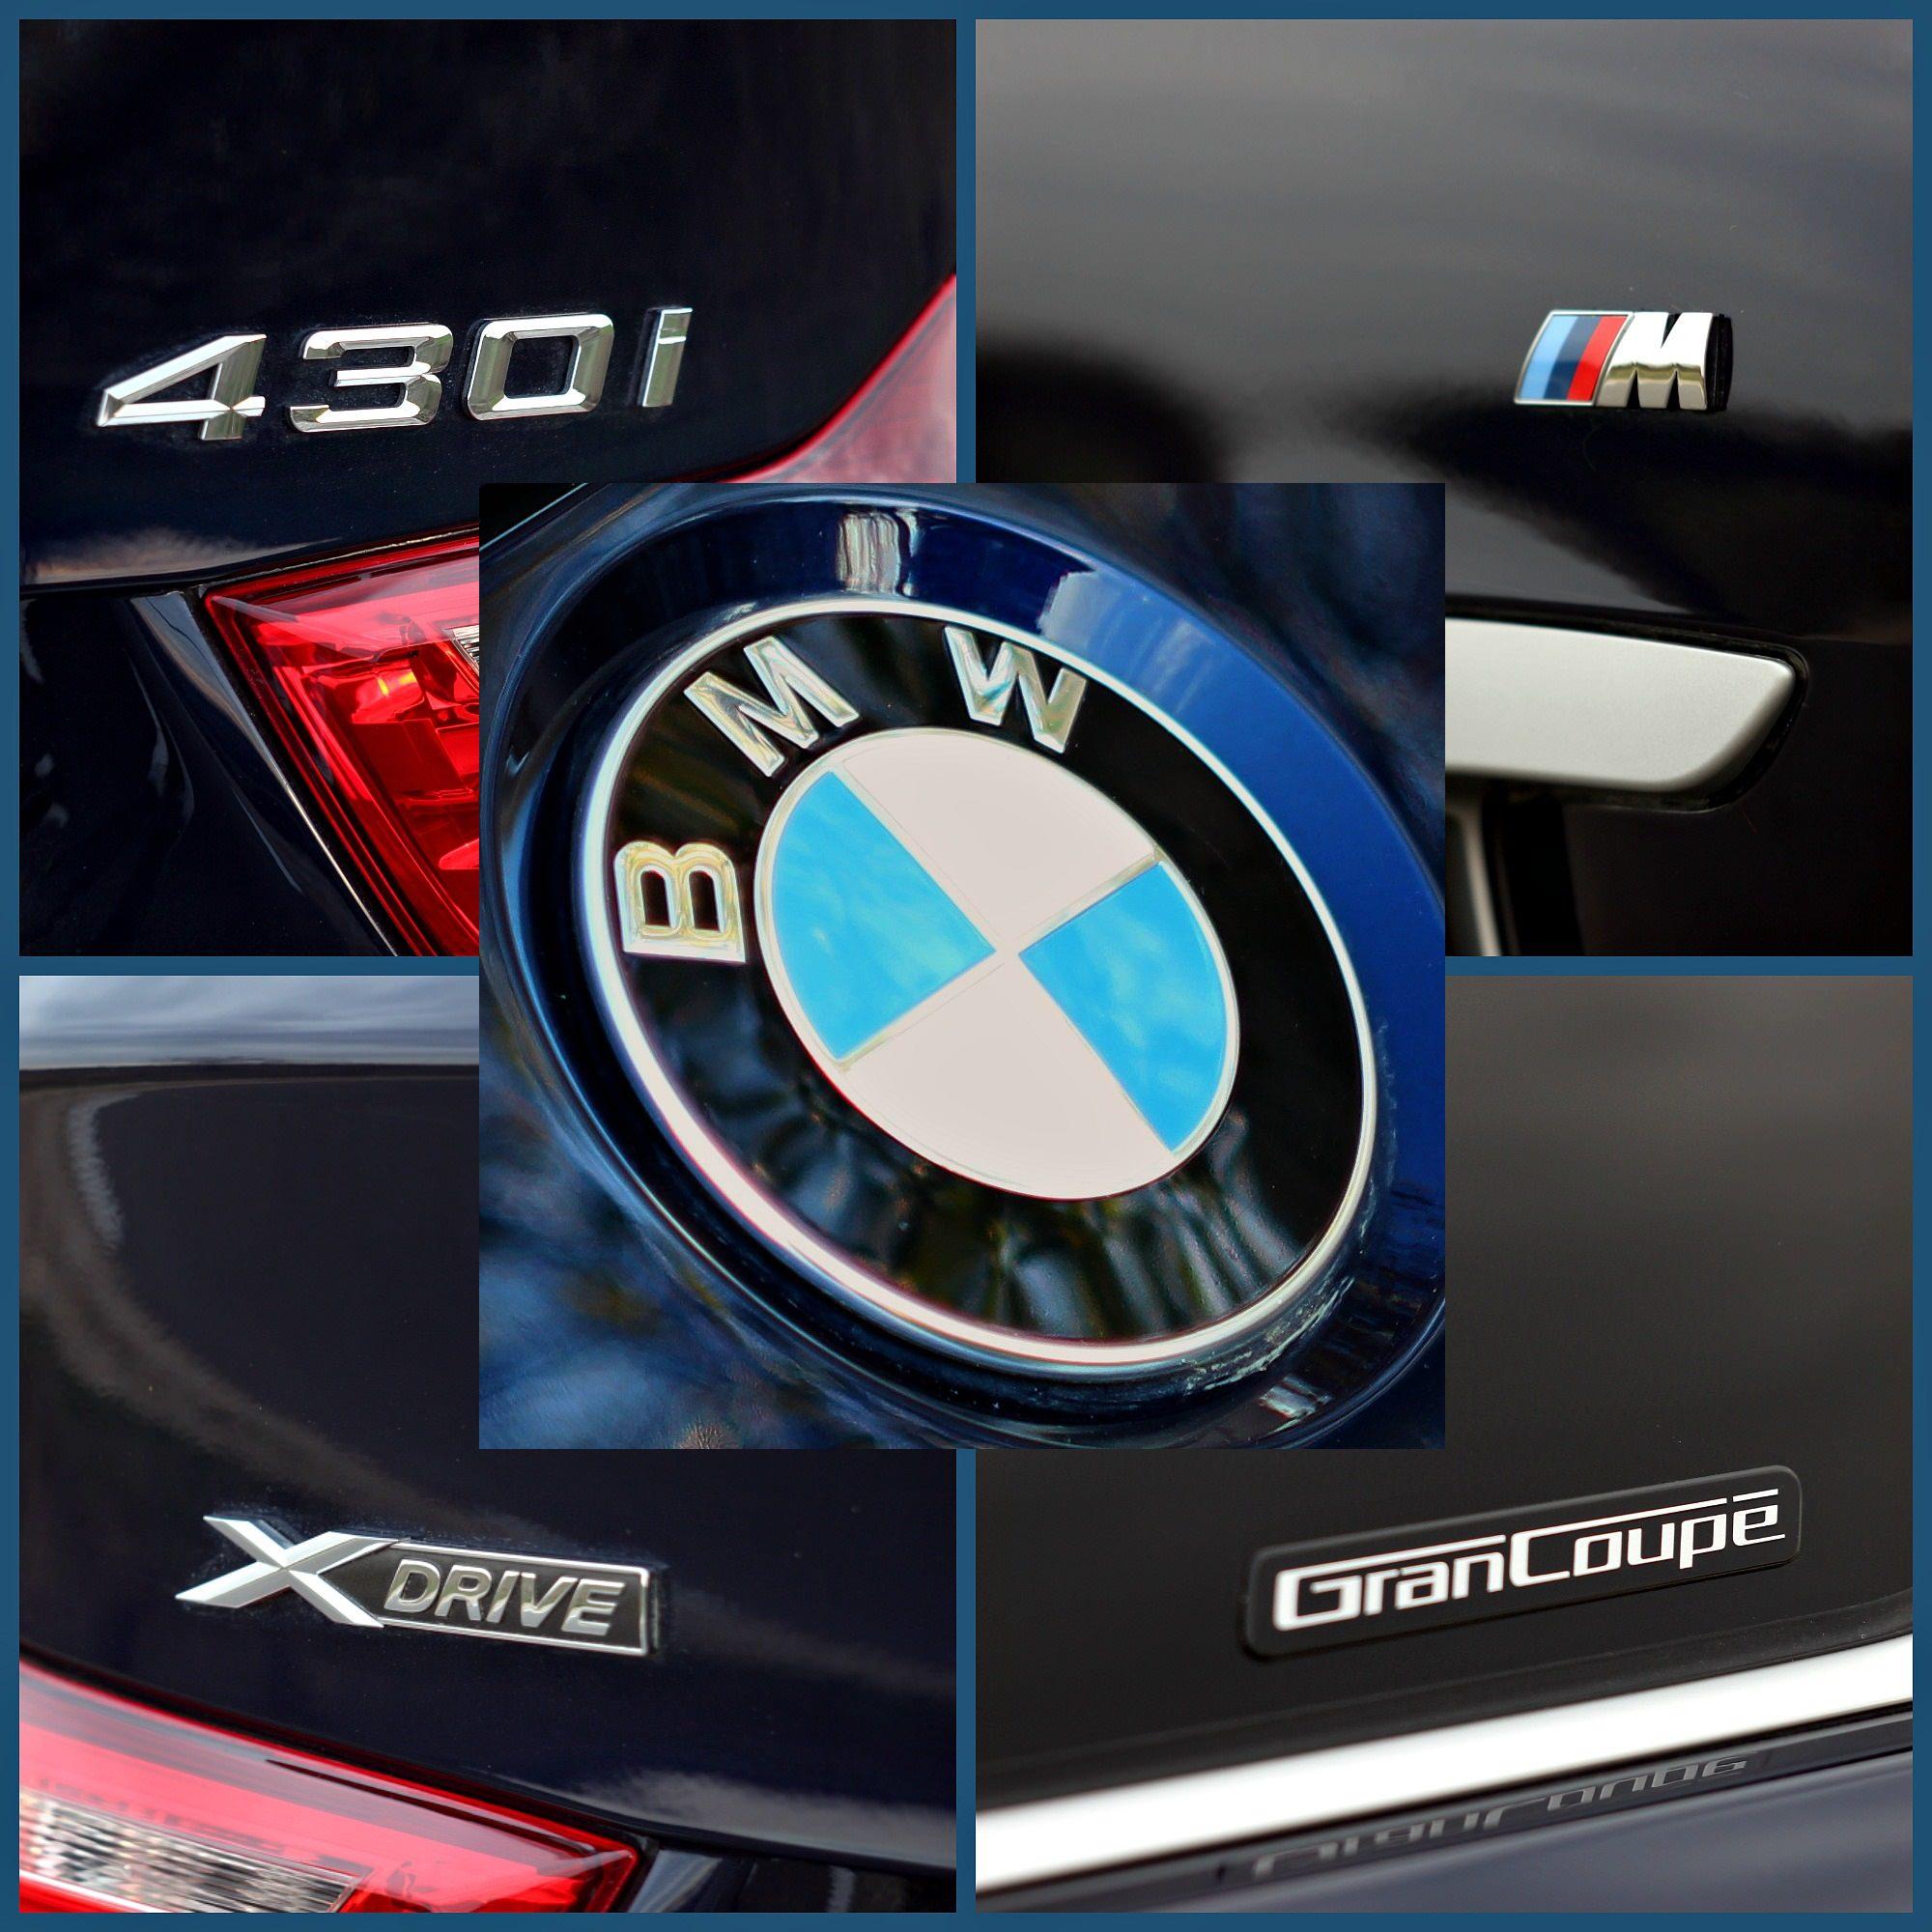 bmw-430i-gran-coupe-xdrive-m